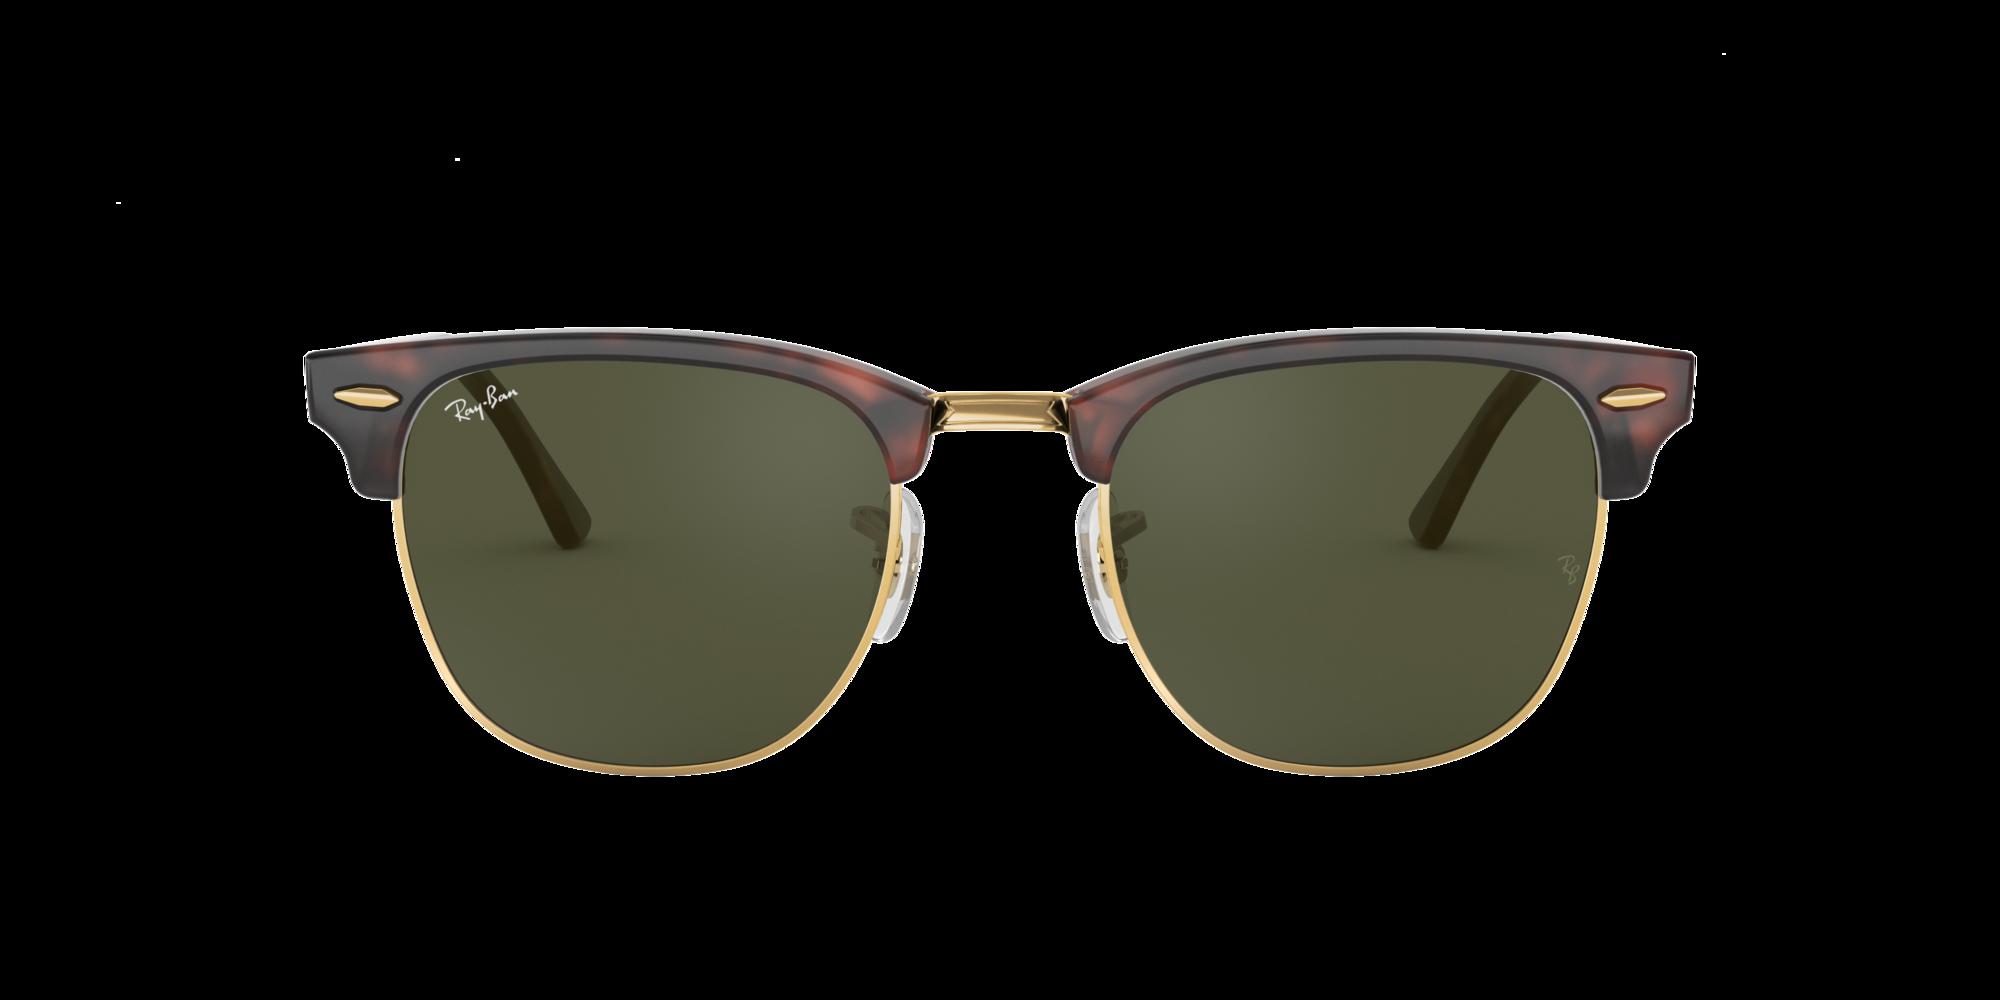 Imagen para RB3016 51 CLUBMASTER de LensCrafters |  Espejuelos, espejuelos graduados en línea, gafas